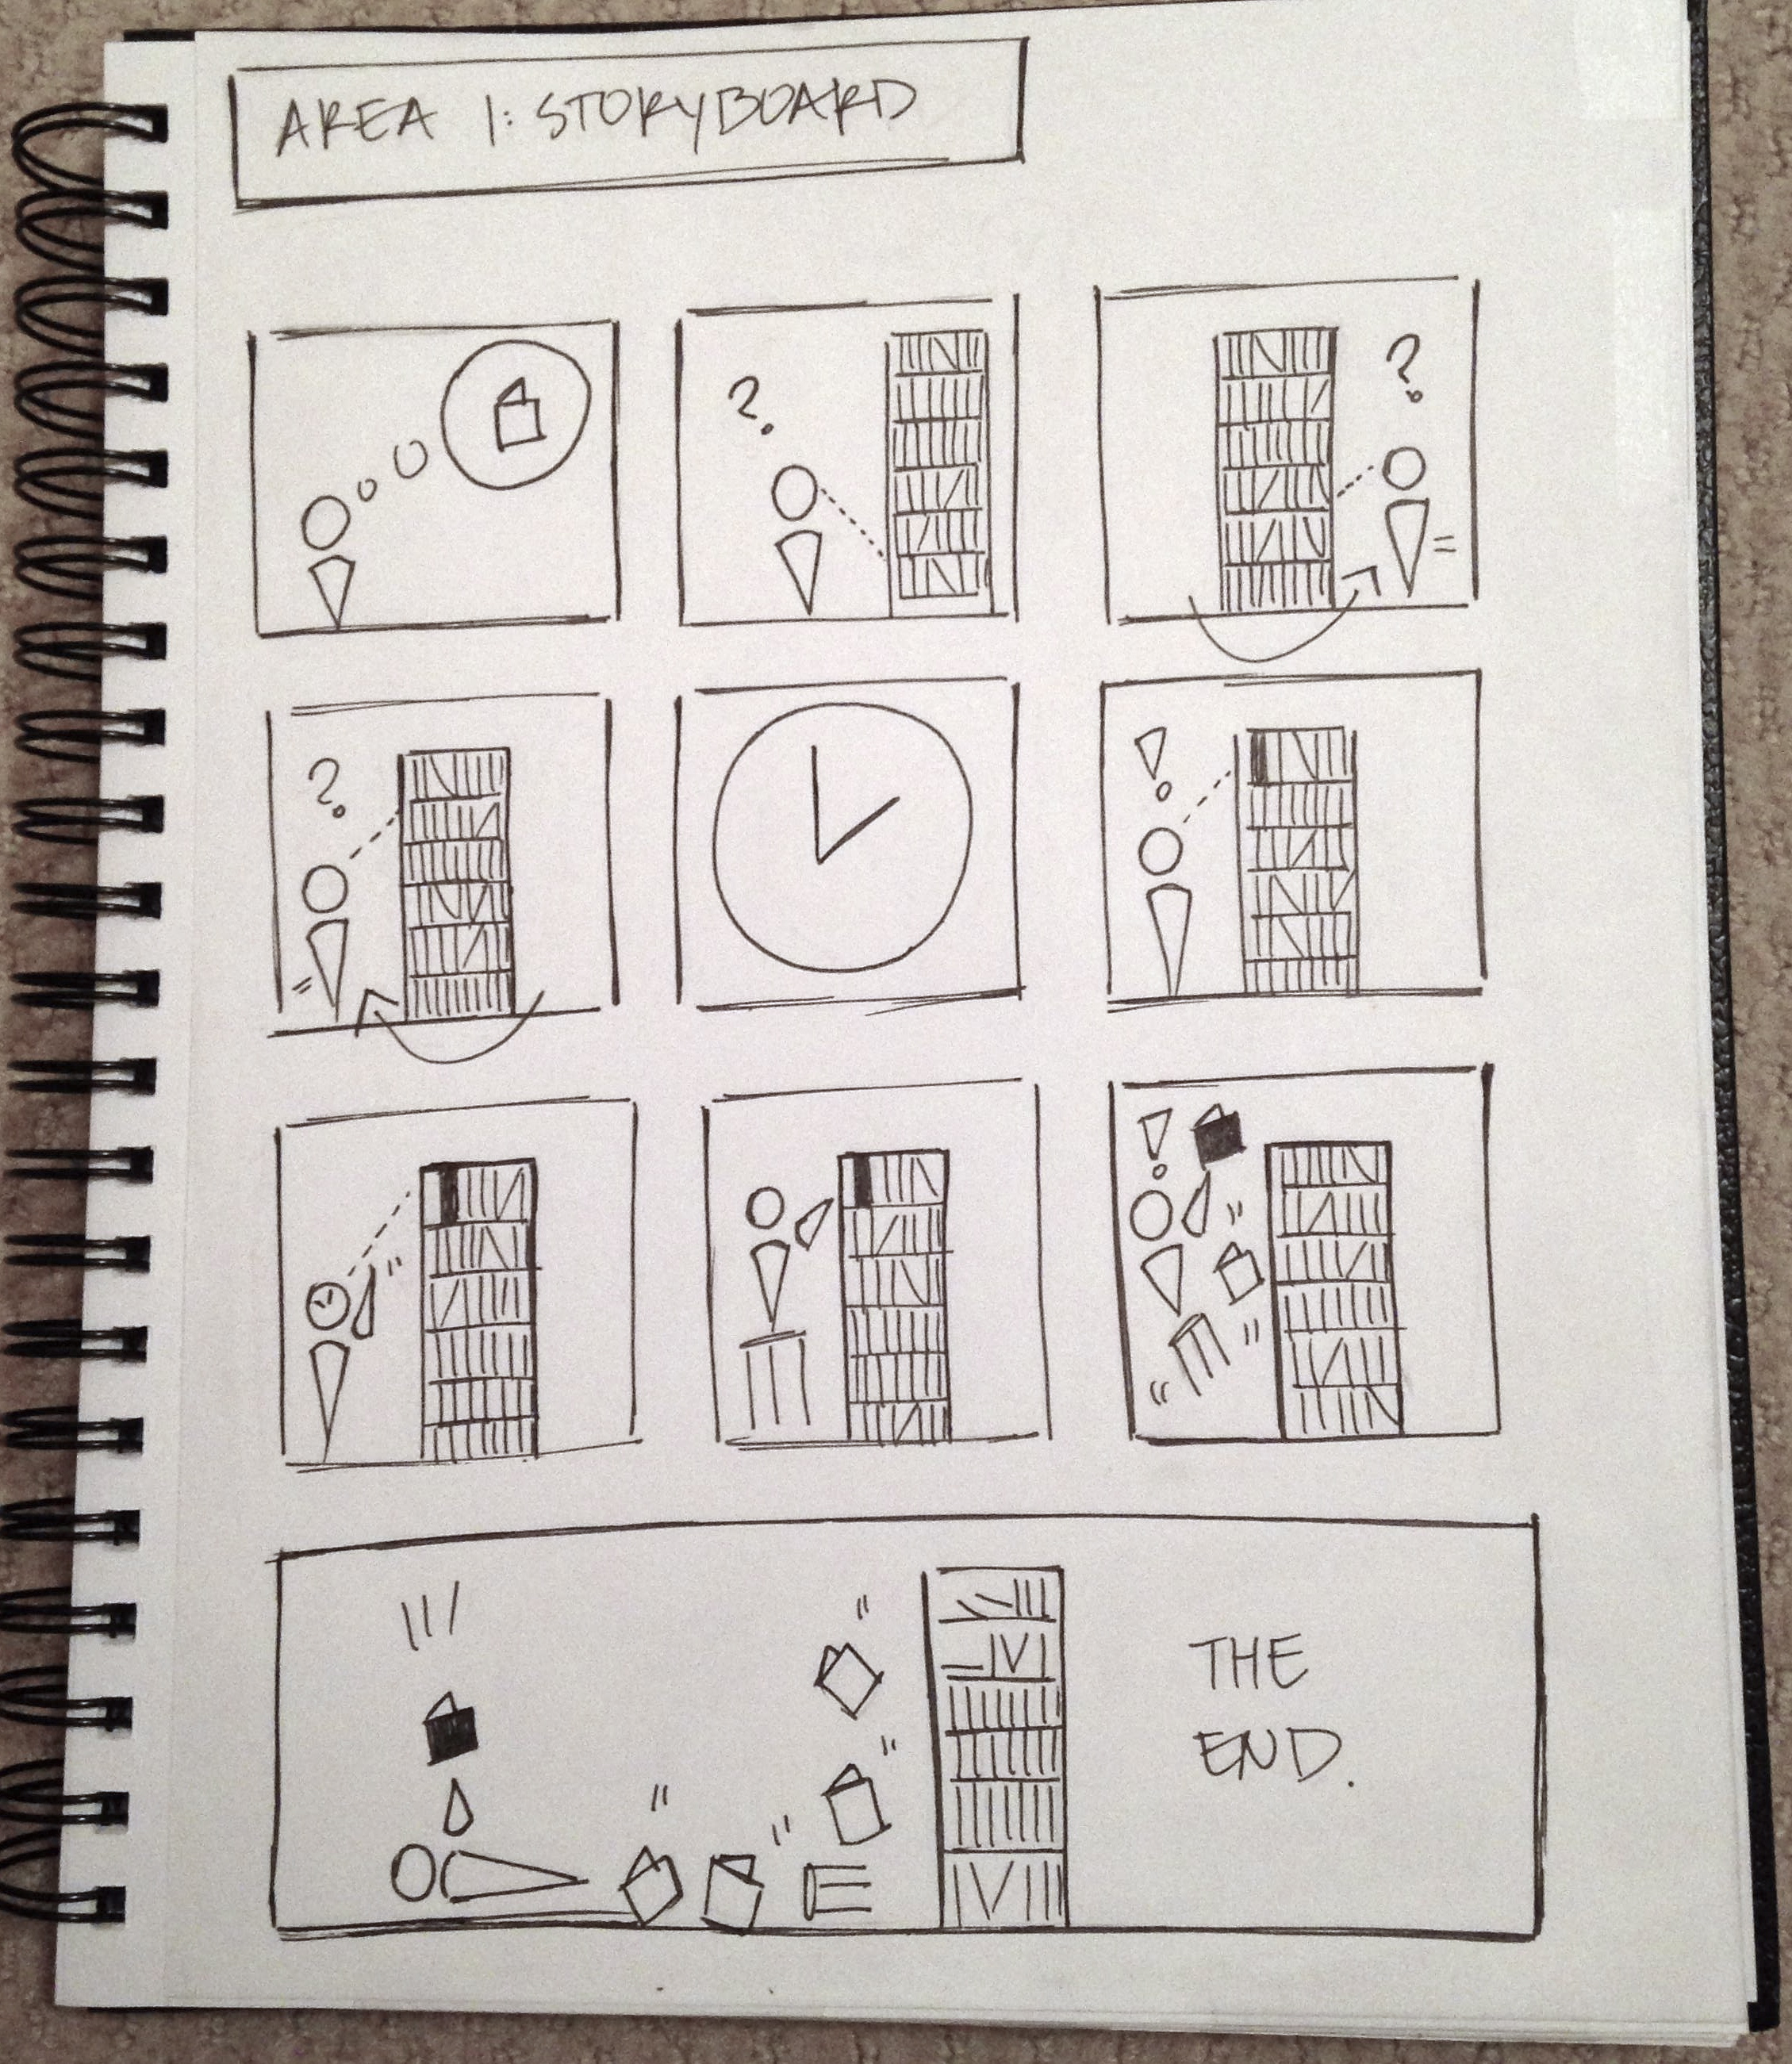 DP3: Storyboard 1 (Bookshelf)